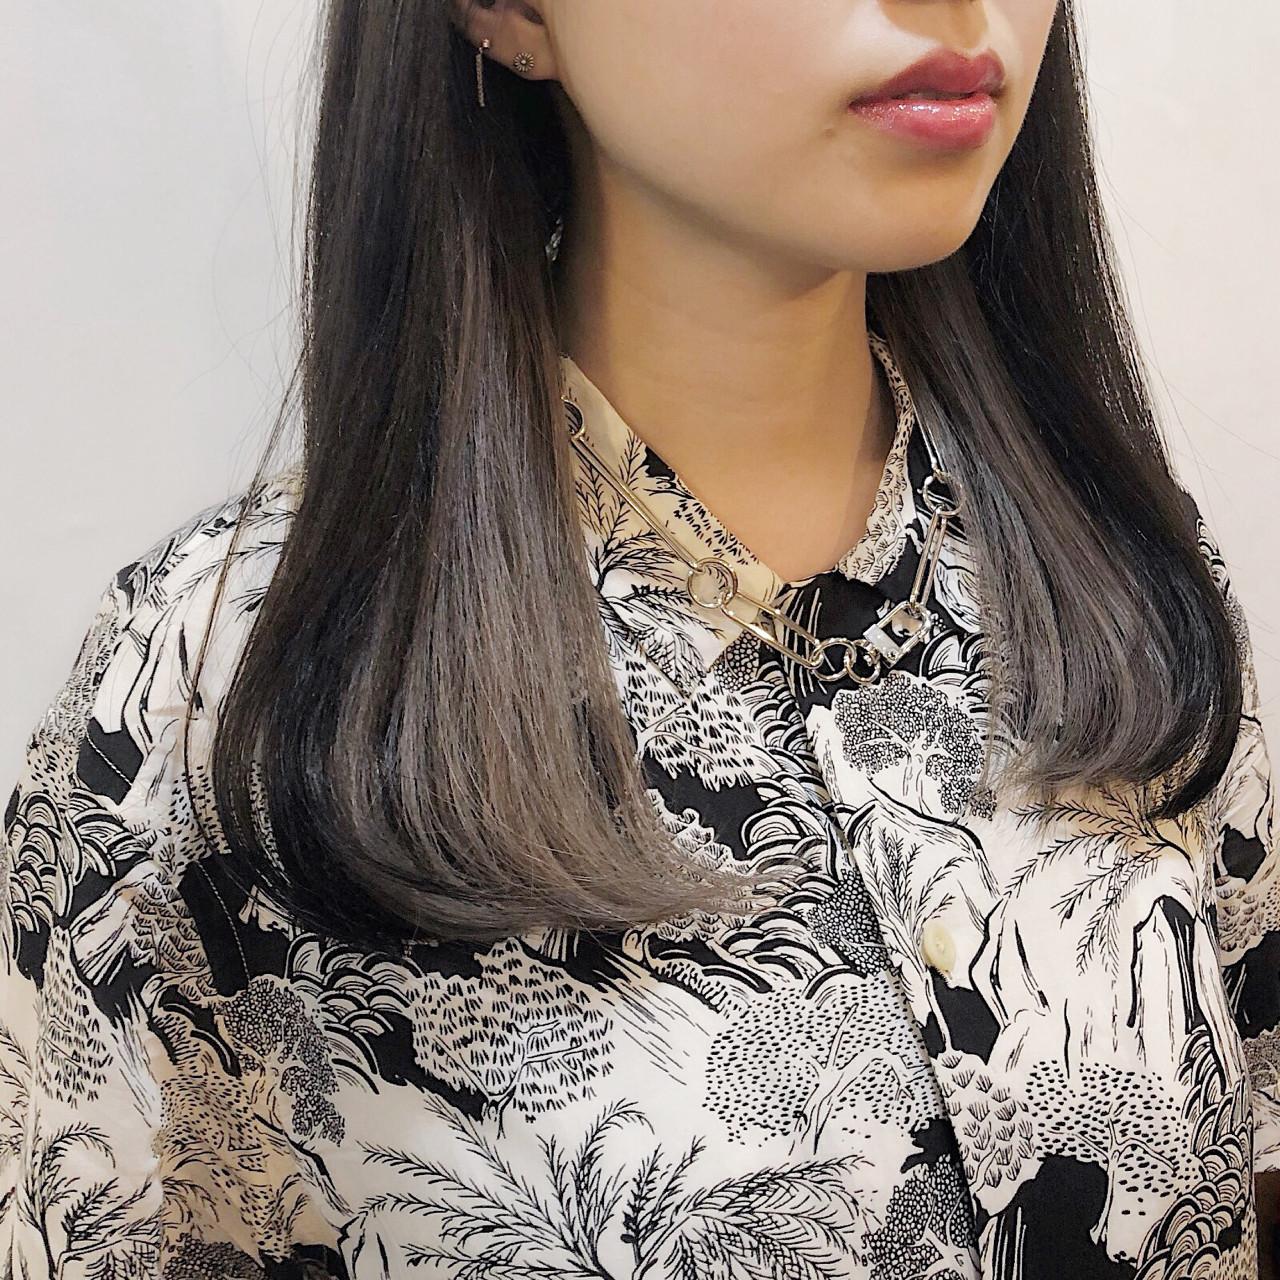 グレーアッシュ ブリーチ グレージュ モード ヘアスタイルや髪型の写真・画像